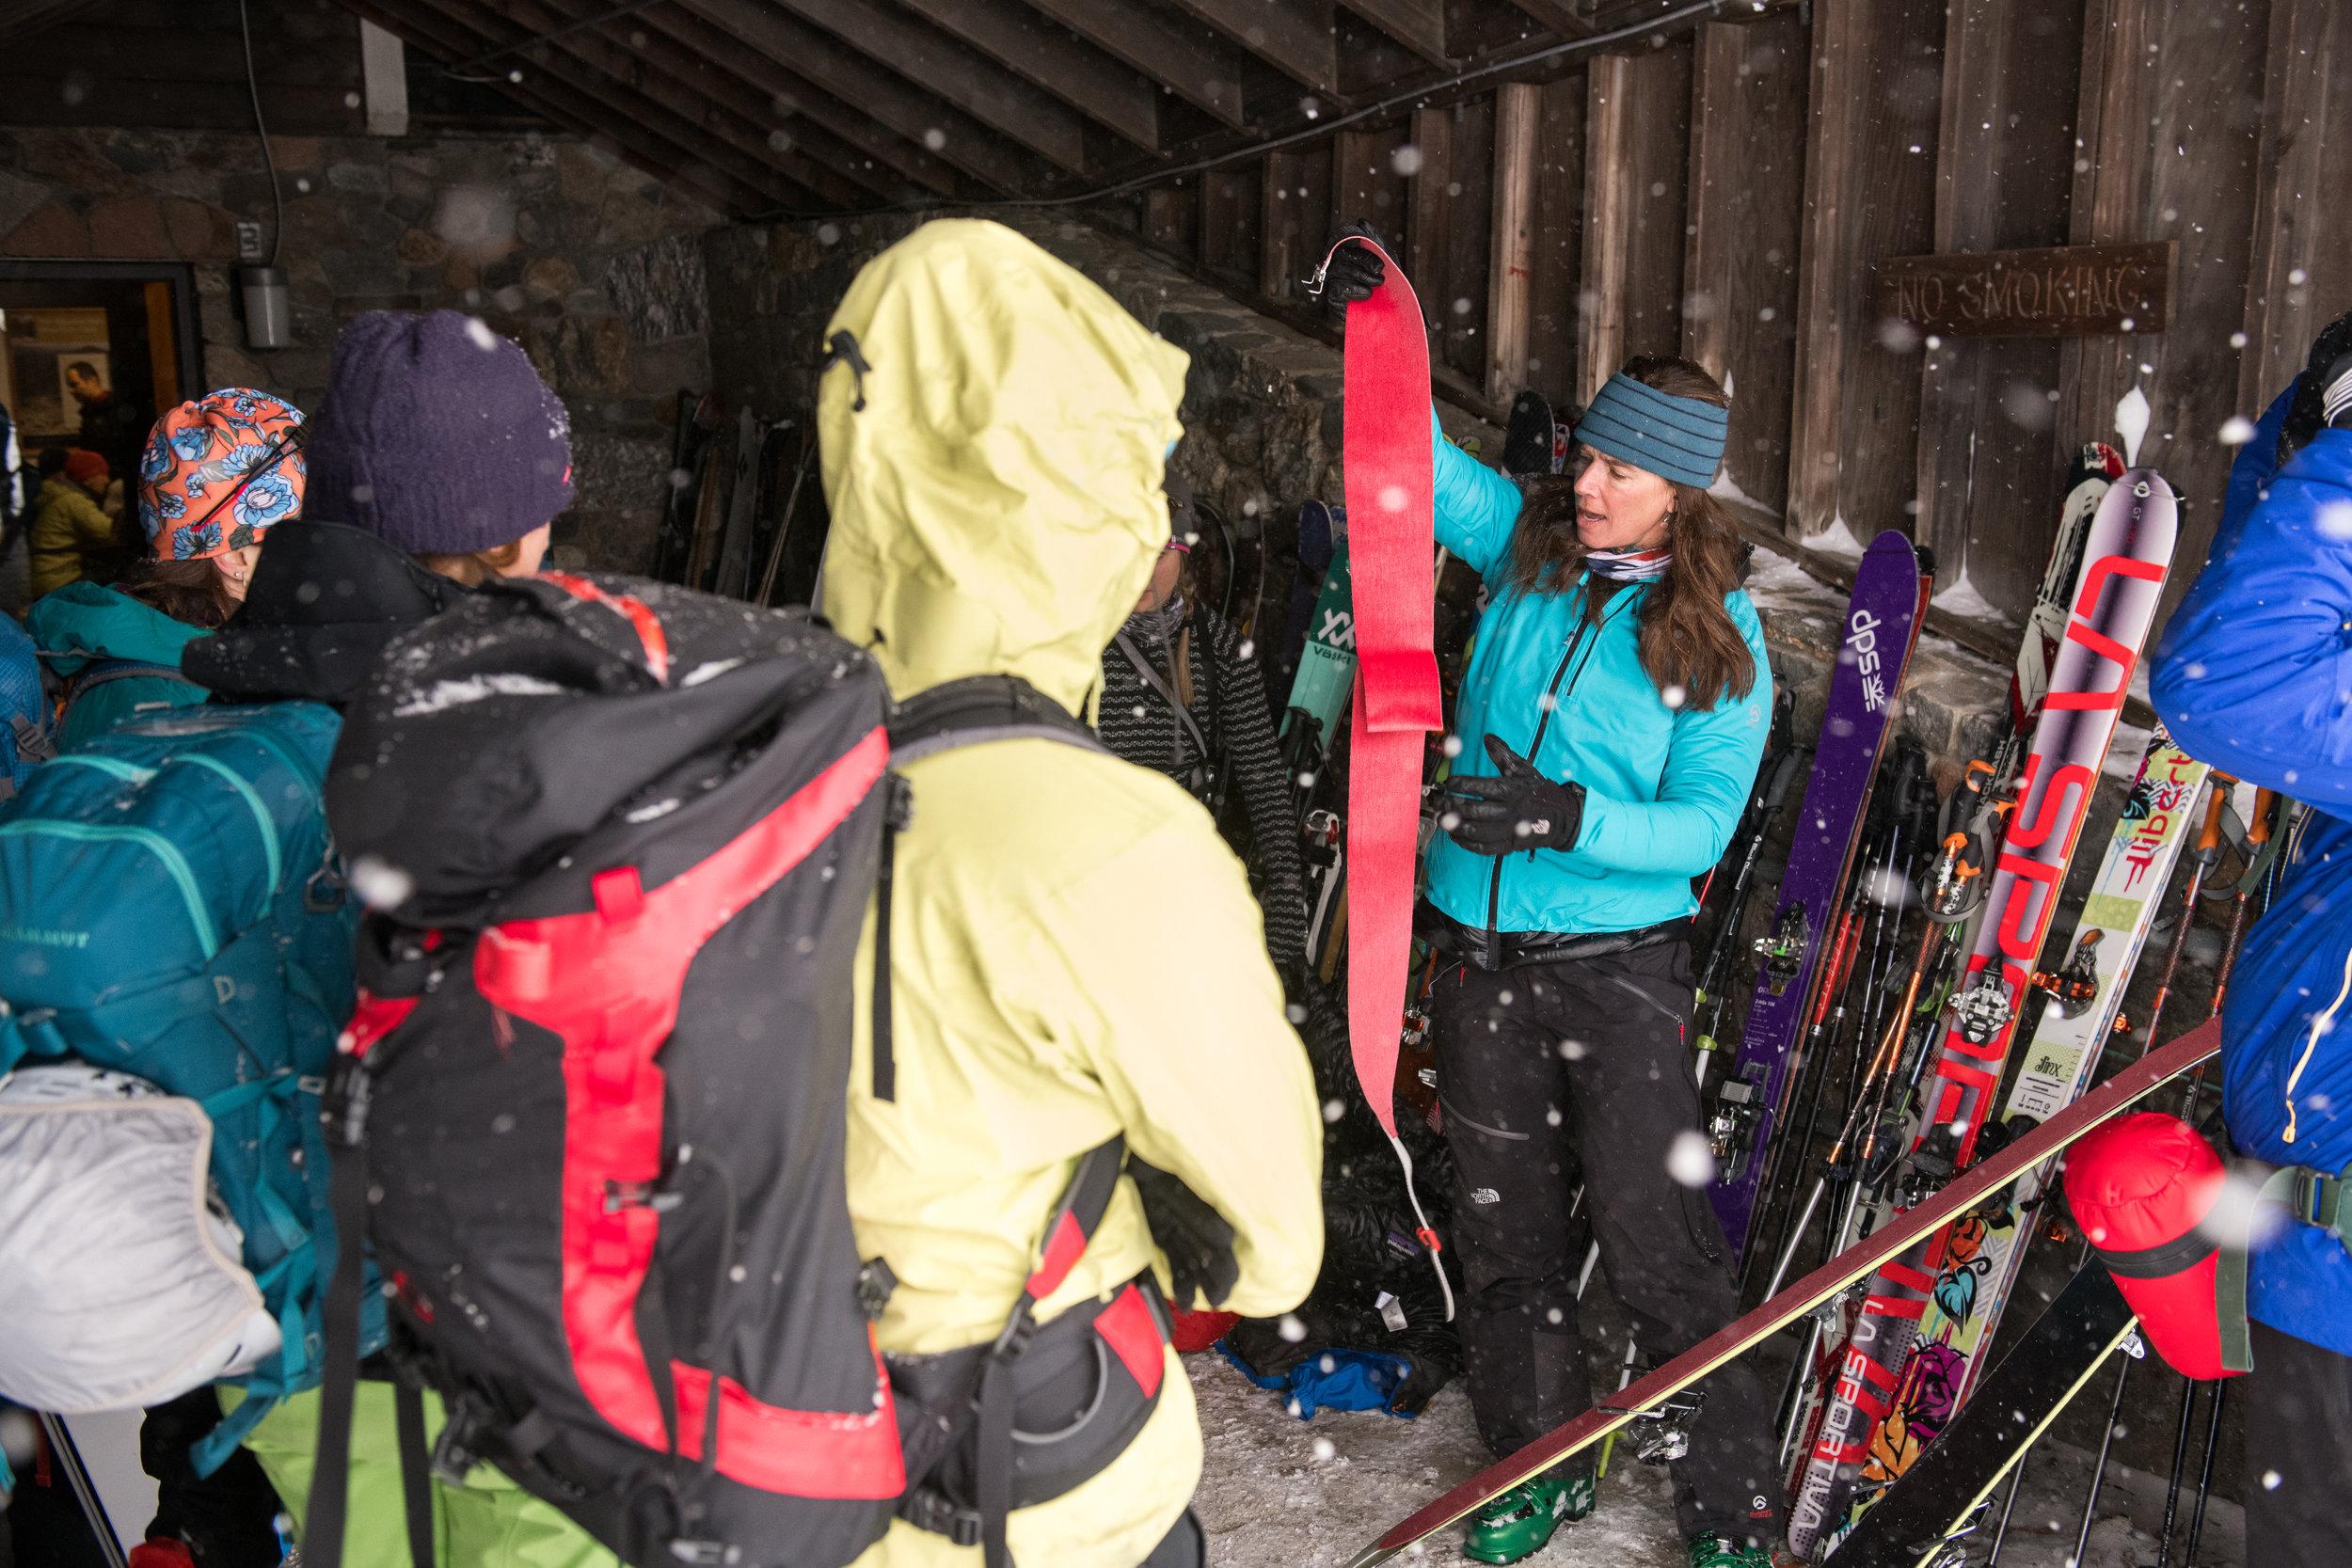 Kit applying skins in the warming hut.